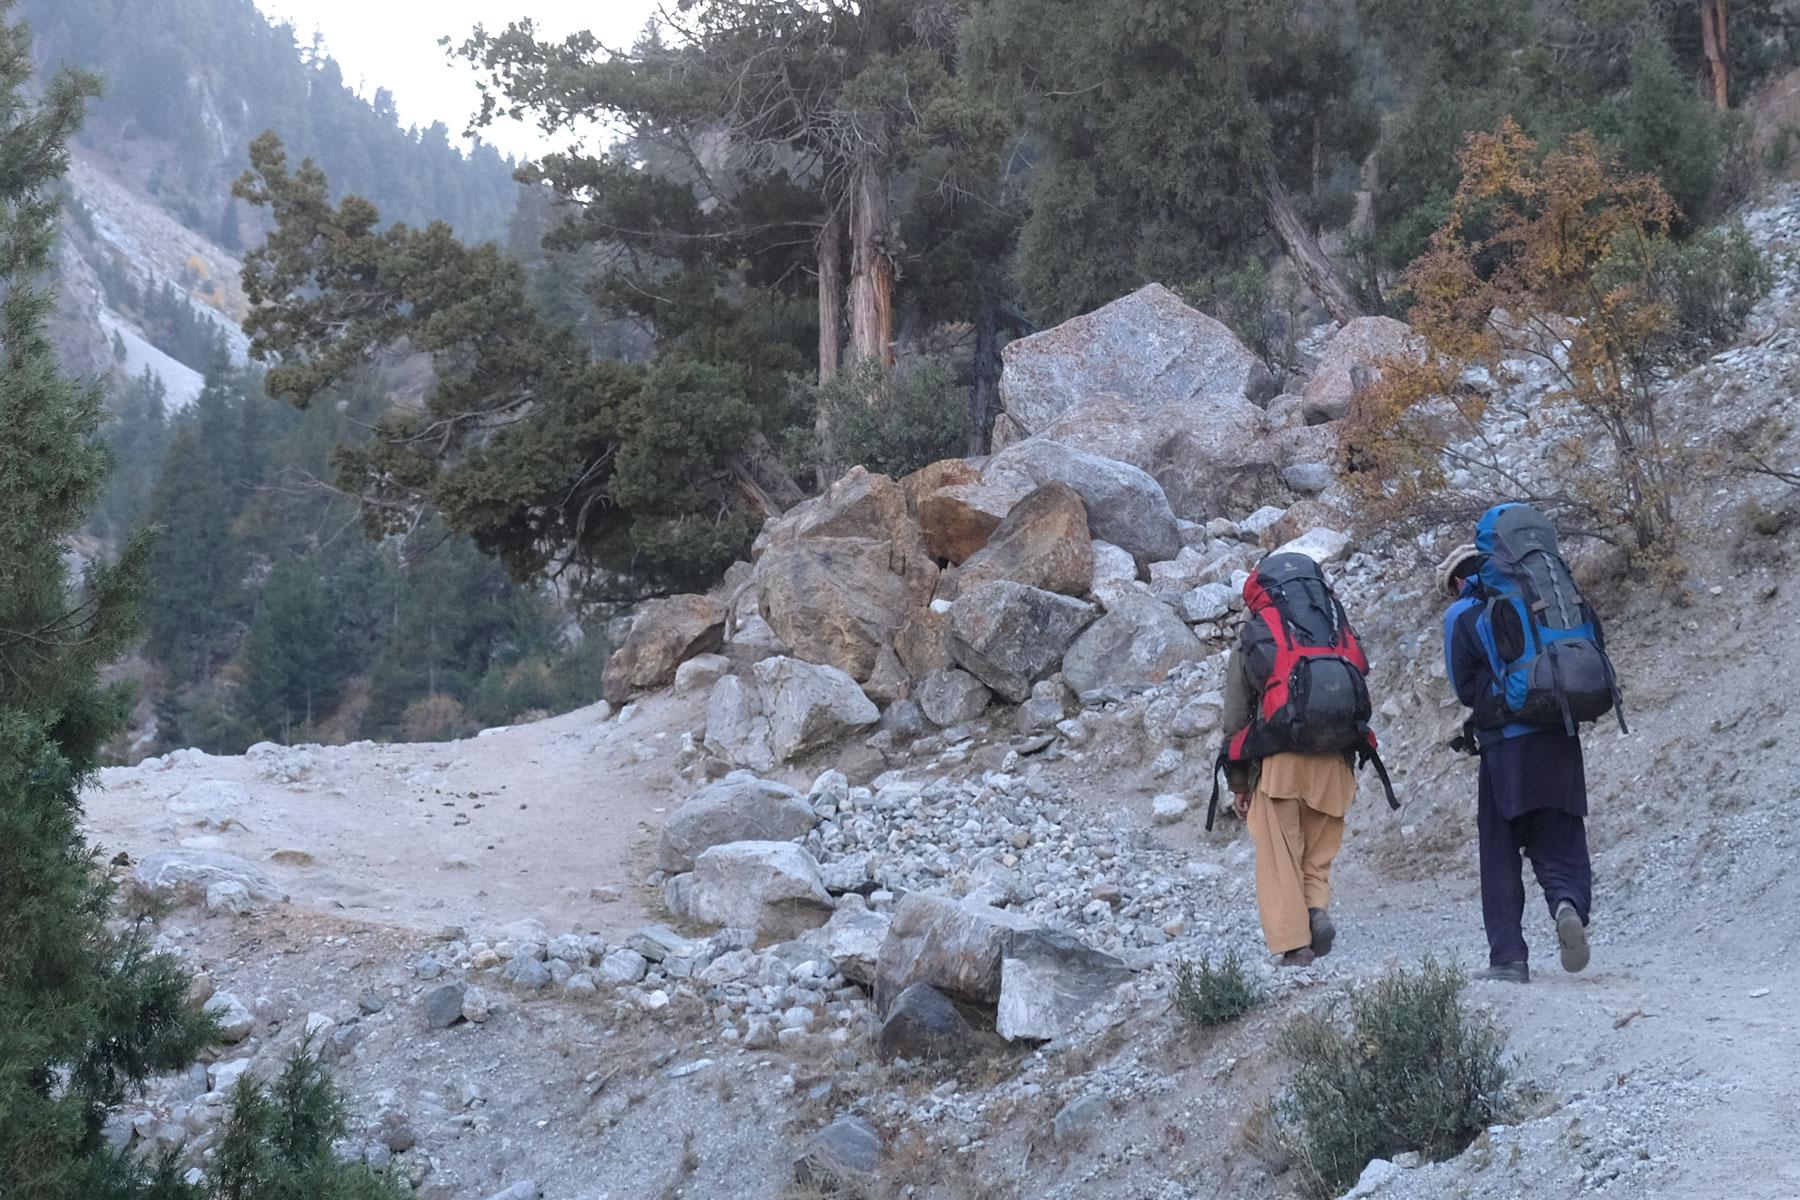 Zwei Männer tragen Reiserucksäcke auf einem Pfad bergauf.